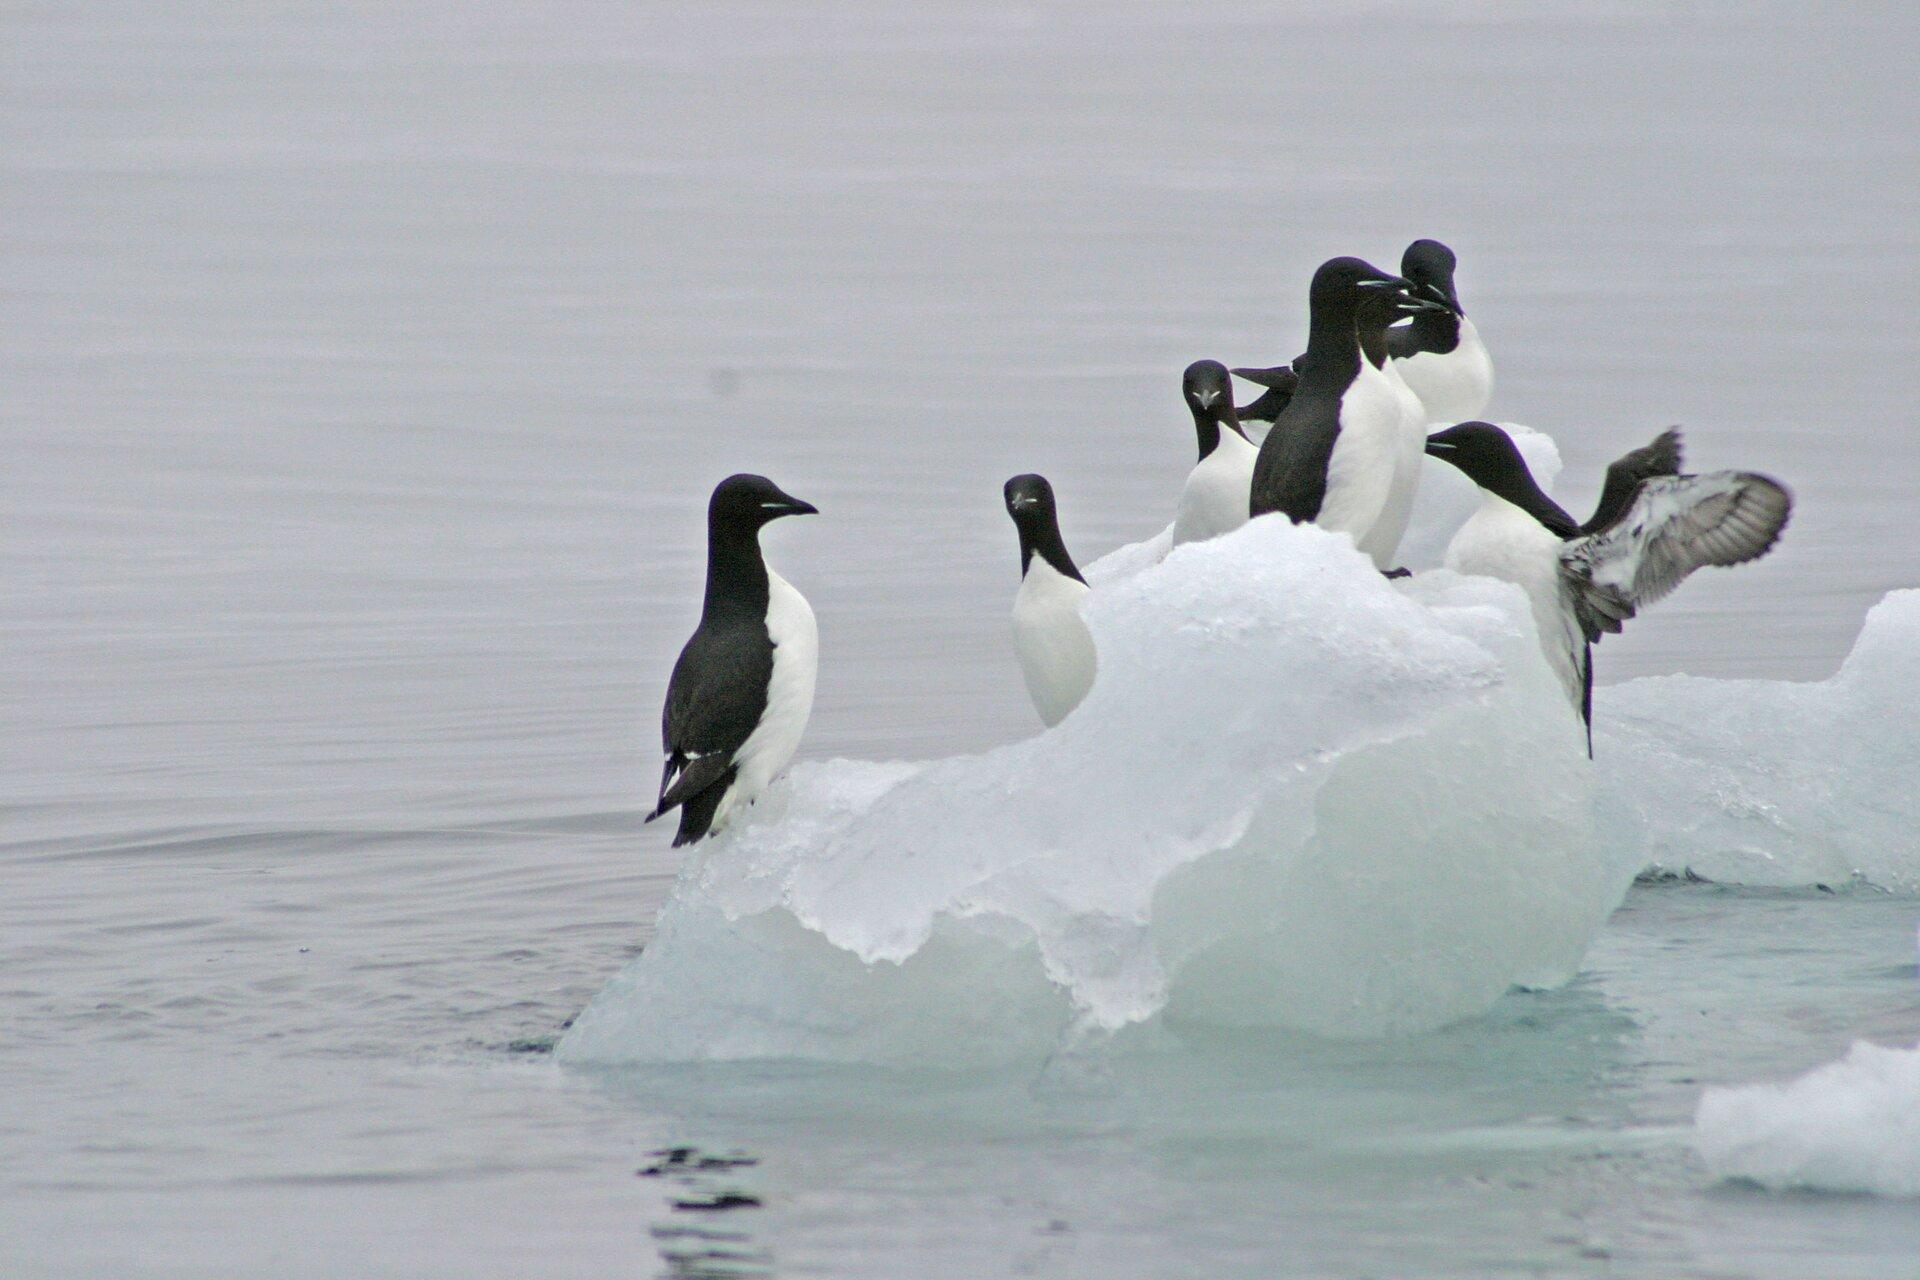 Fotografia prezentuje grupę ptaków – nurzyków, siedzących na kawałku kry. Nurzyki mają czarną głowę igrzbiet oraz białą pierś ibrzuch.